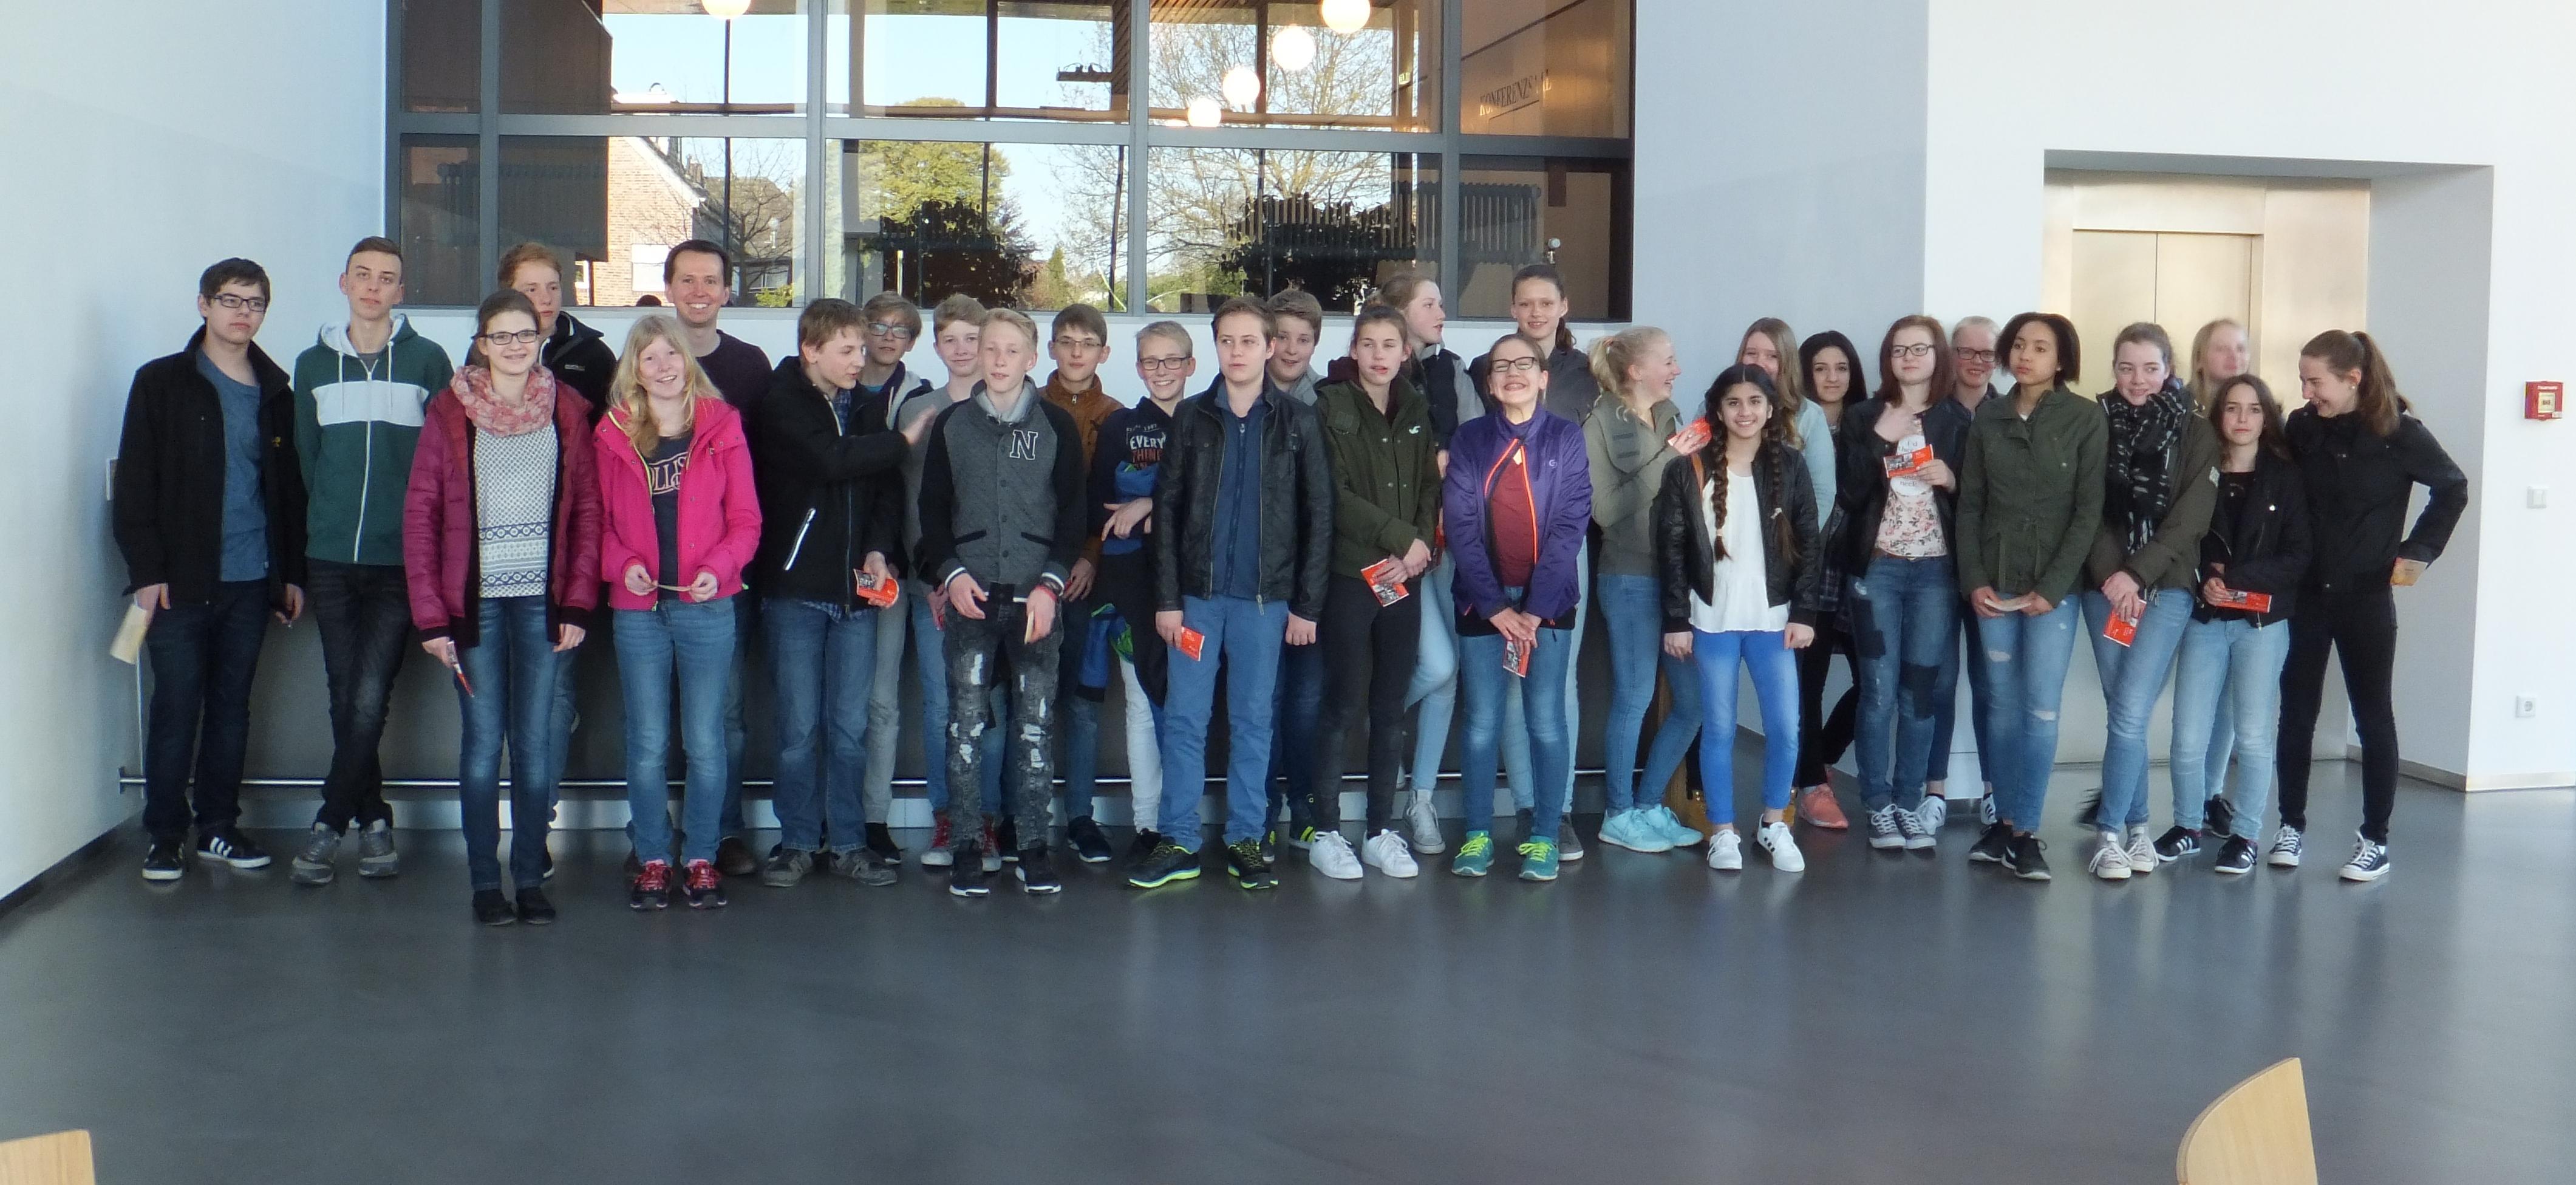 Theaterbesuch der Klasse 8c vom Freiherr-vom-Stein-Gymnasium